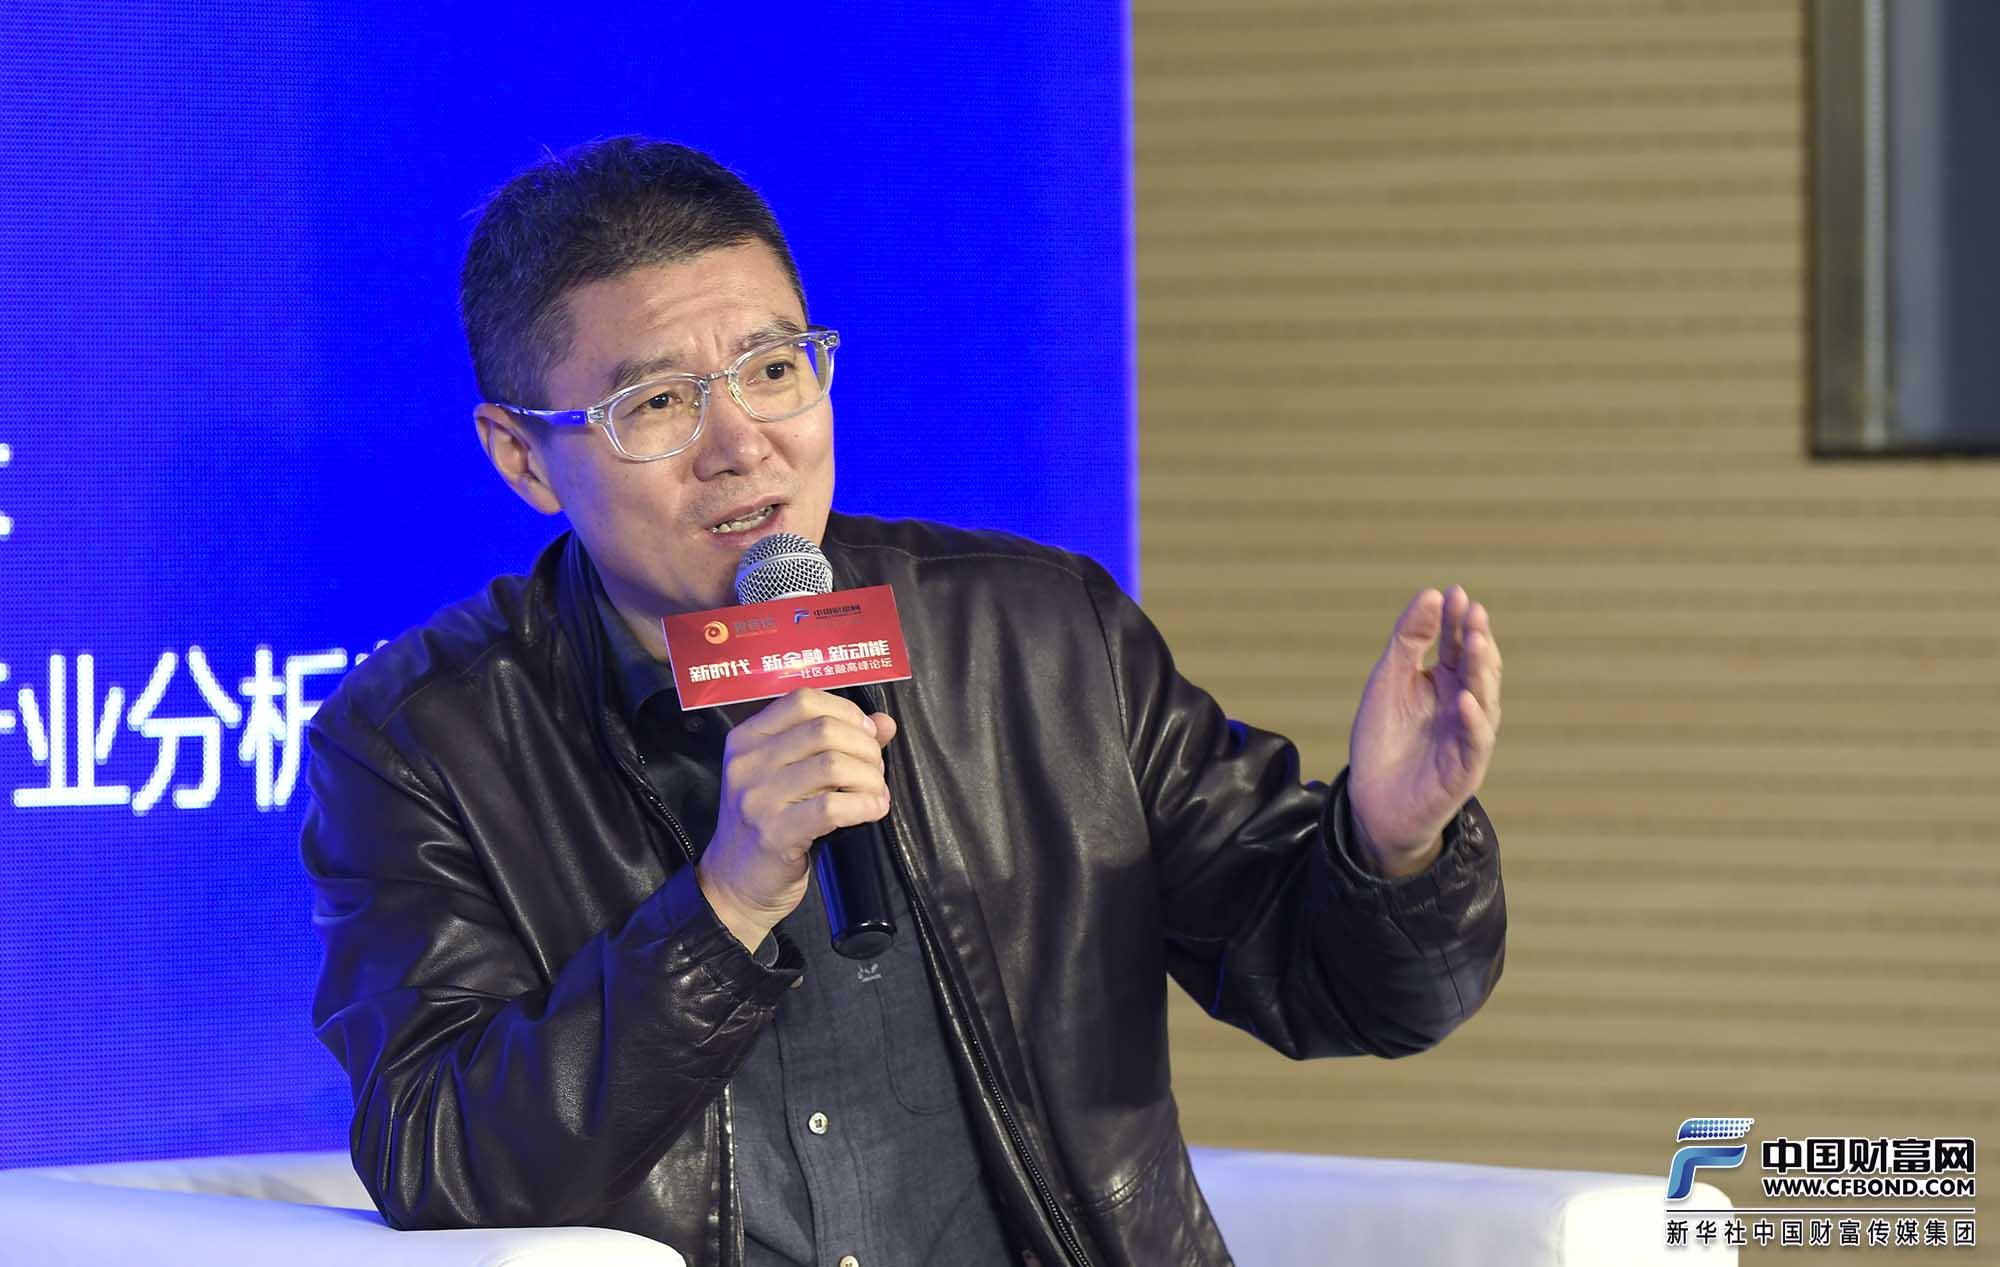 圆桌论坛二发言嘉宾:中新城产业董事长刘爱明